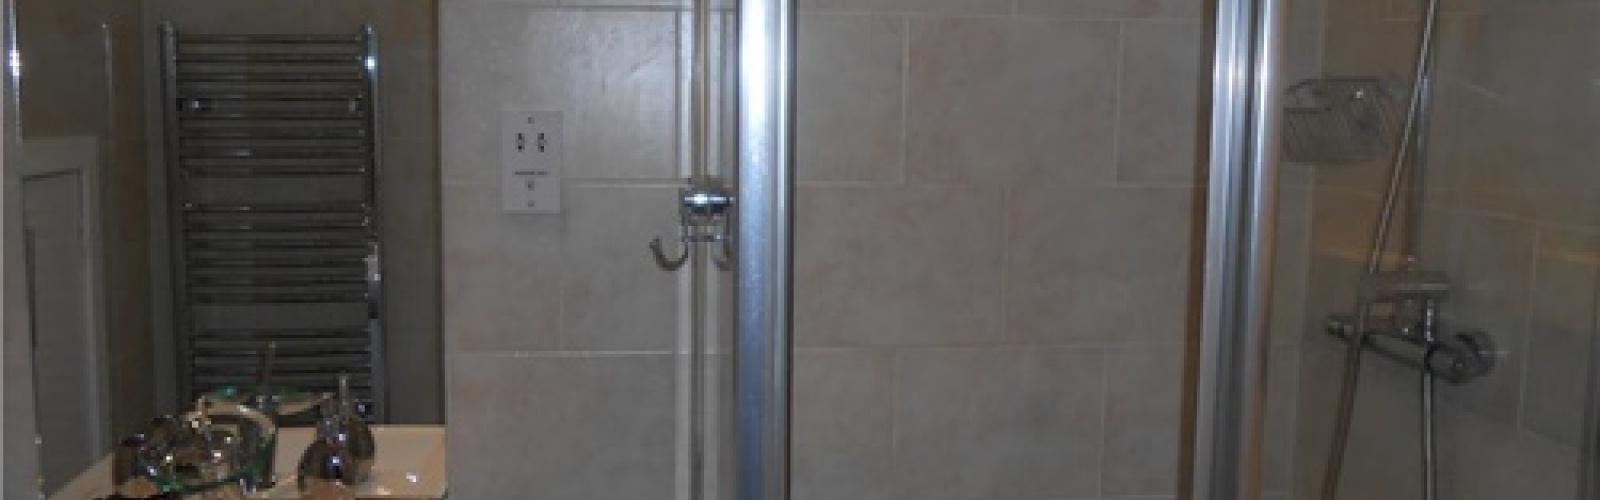 1 Bedroom Bedrooms,1 BathroomBathrooms,Flat,1055